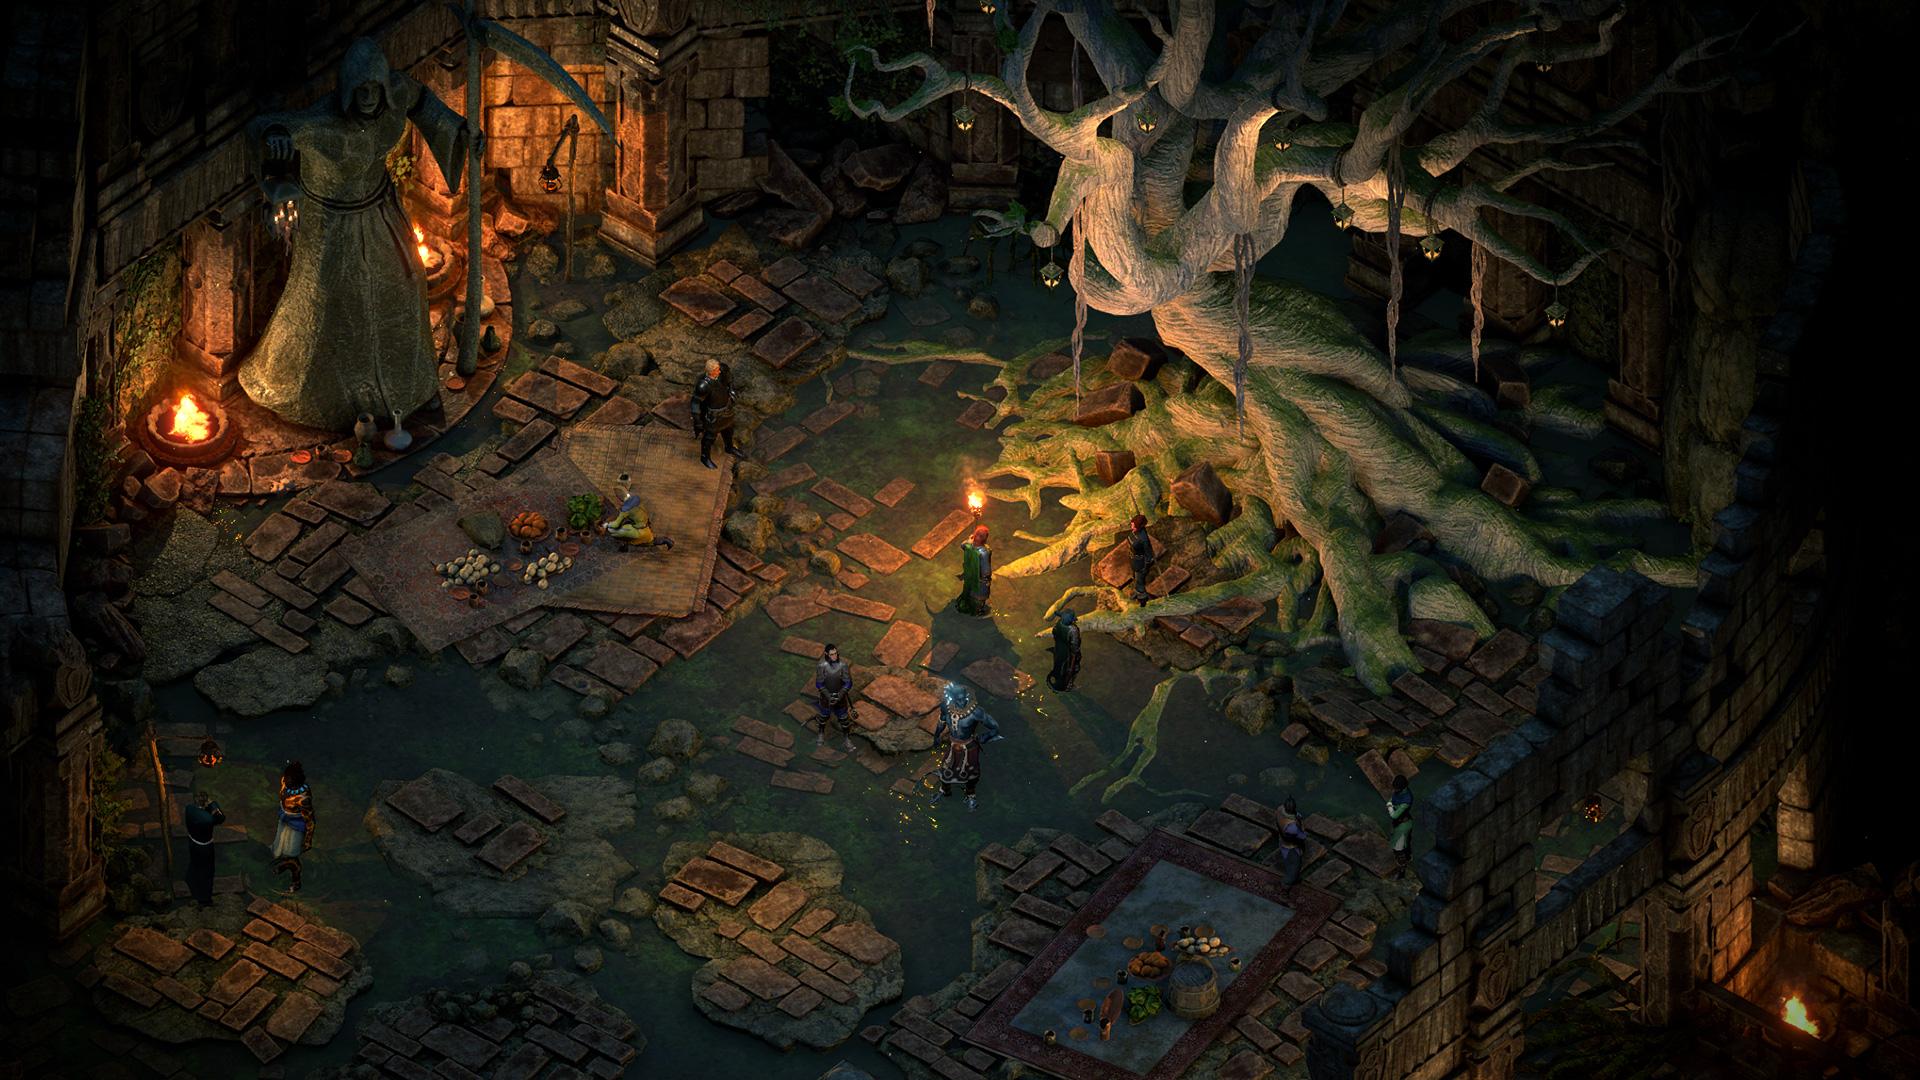 Pillars of Eternity II - Deadfire - ein fremder Ort mit einem mächtigen alten Baum